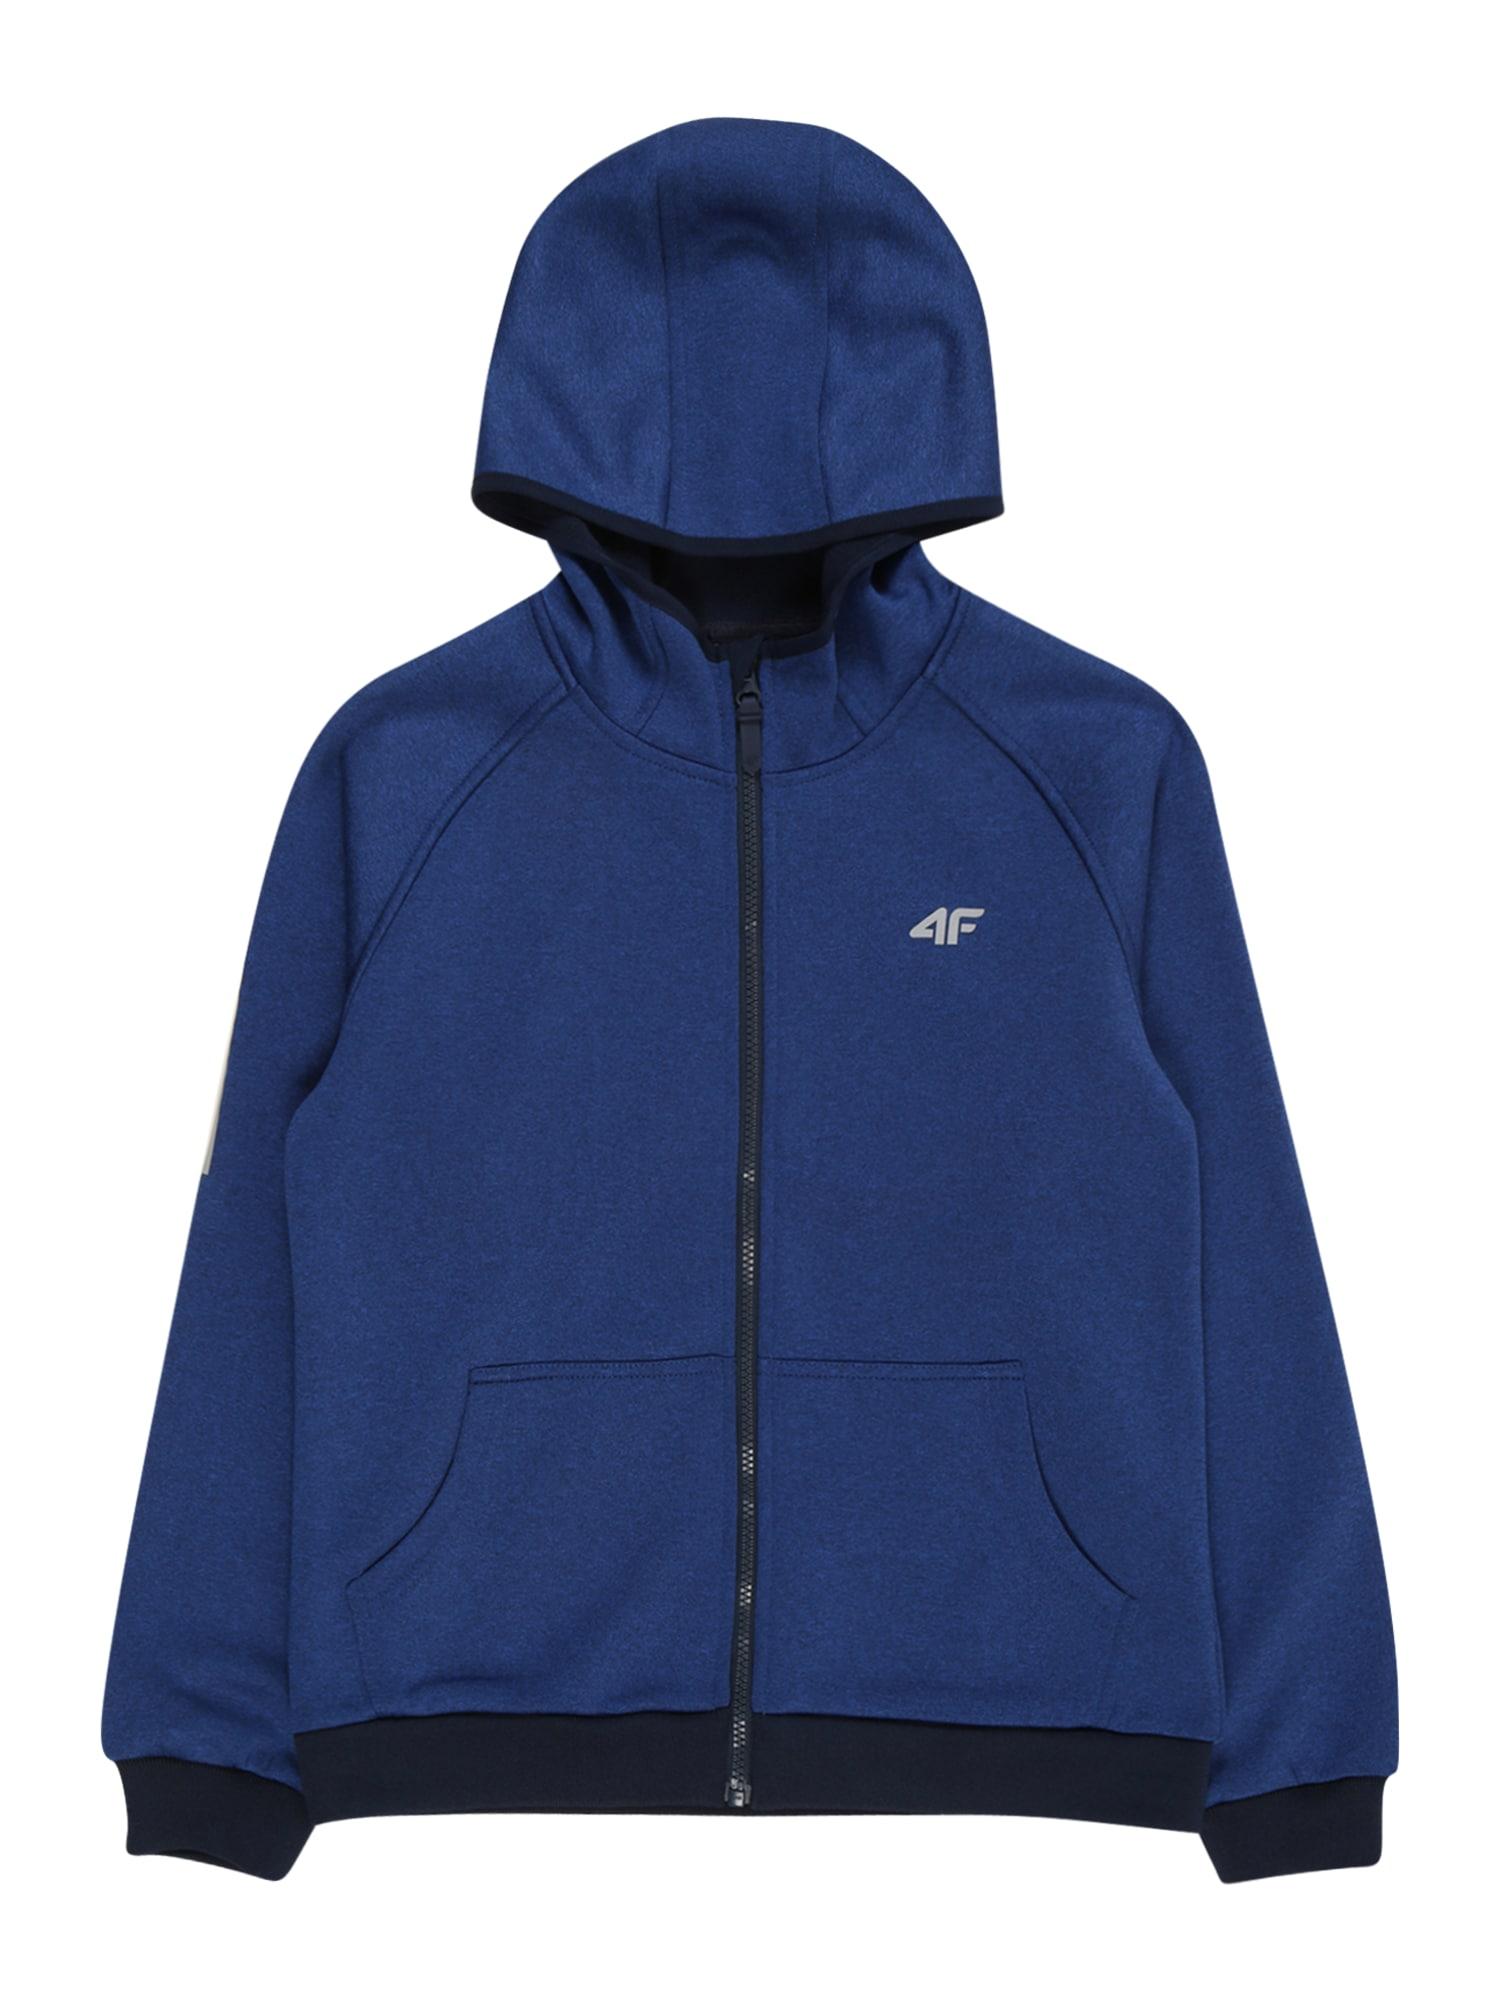 4F Sportinis džemperis tamsiai mėlyna